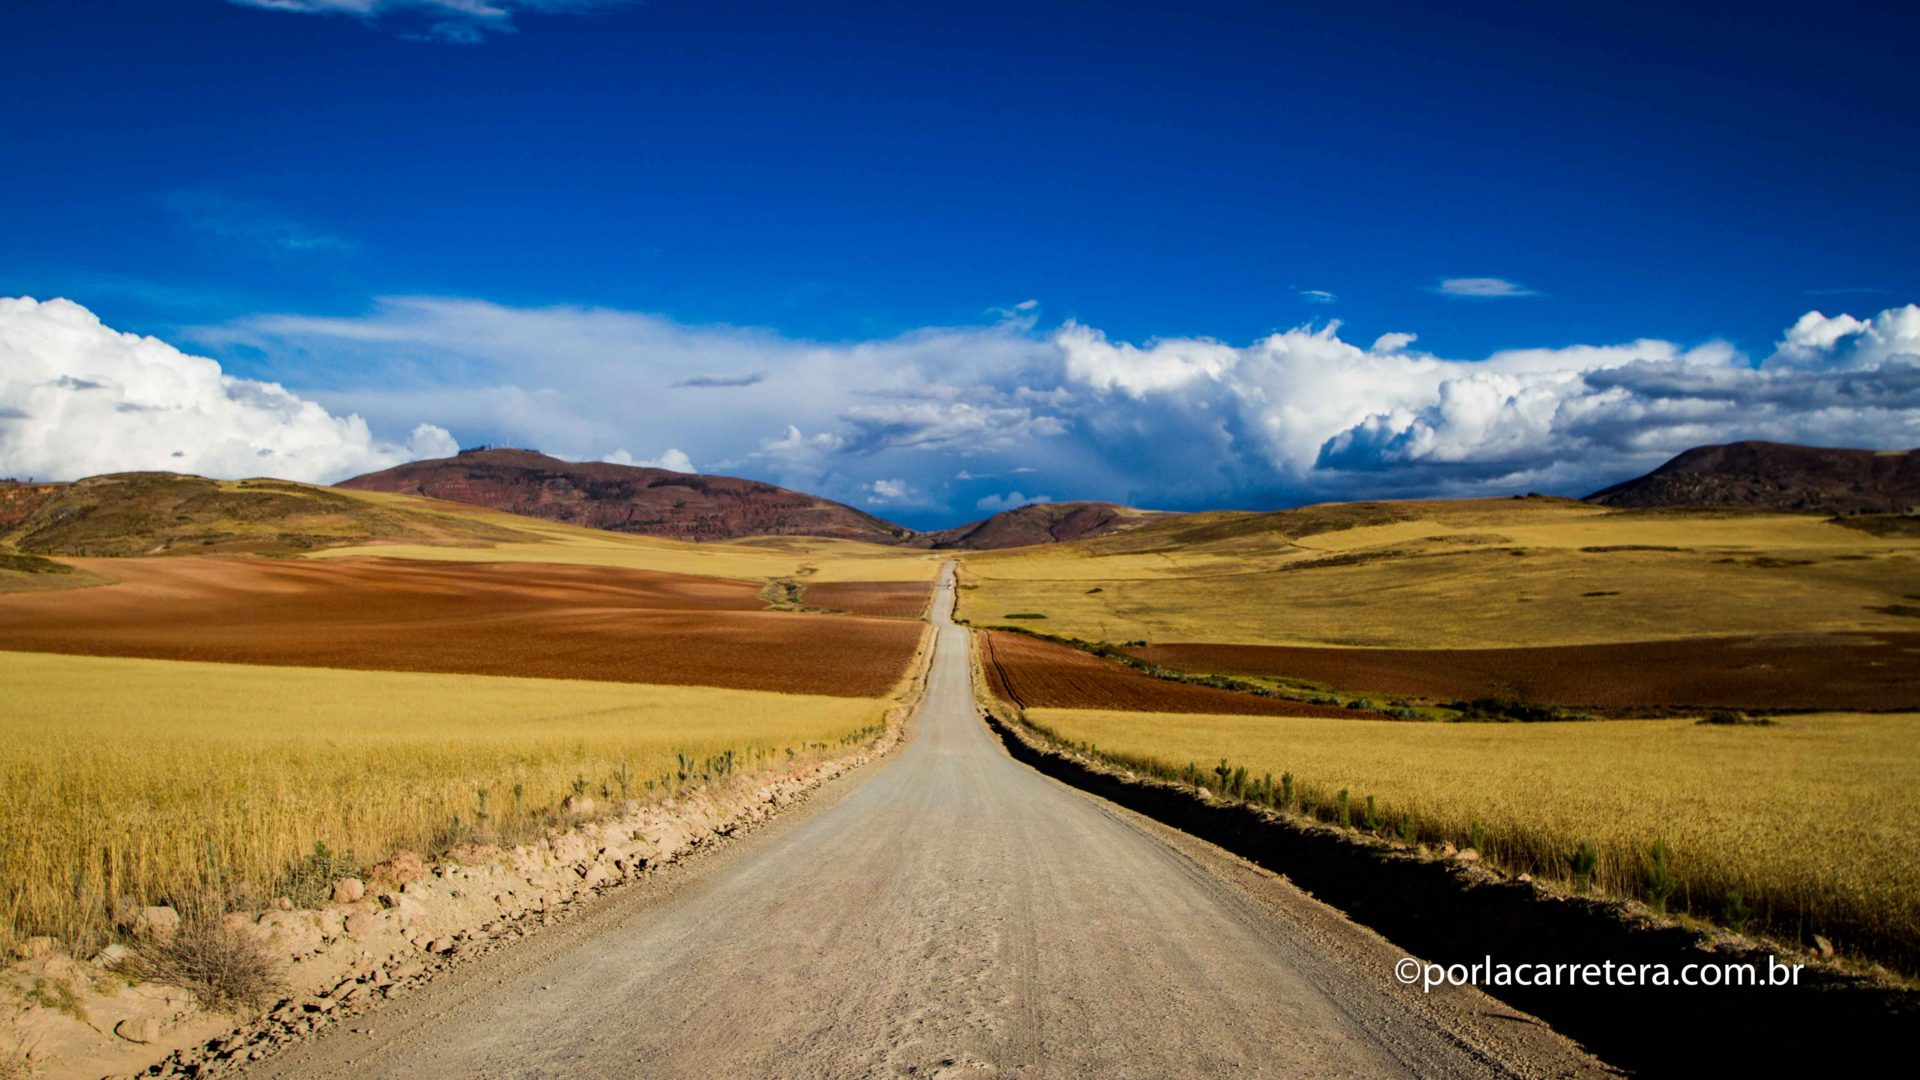 O Peru em 30 fotos